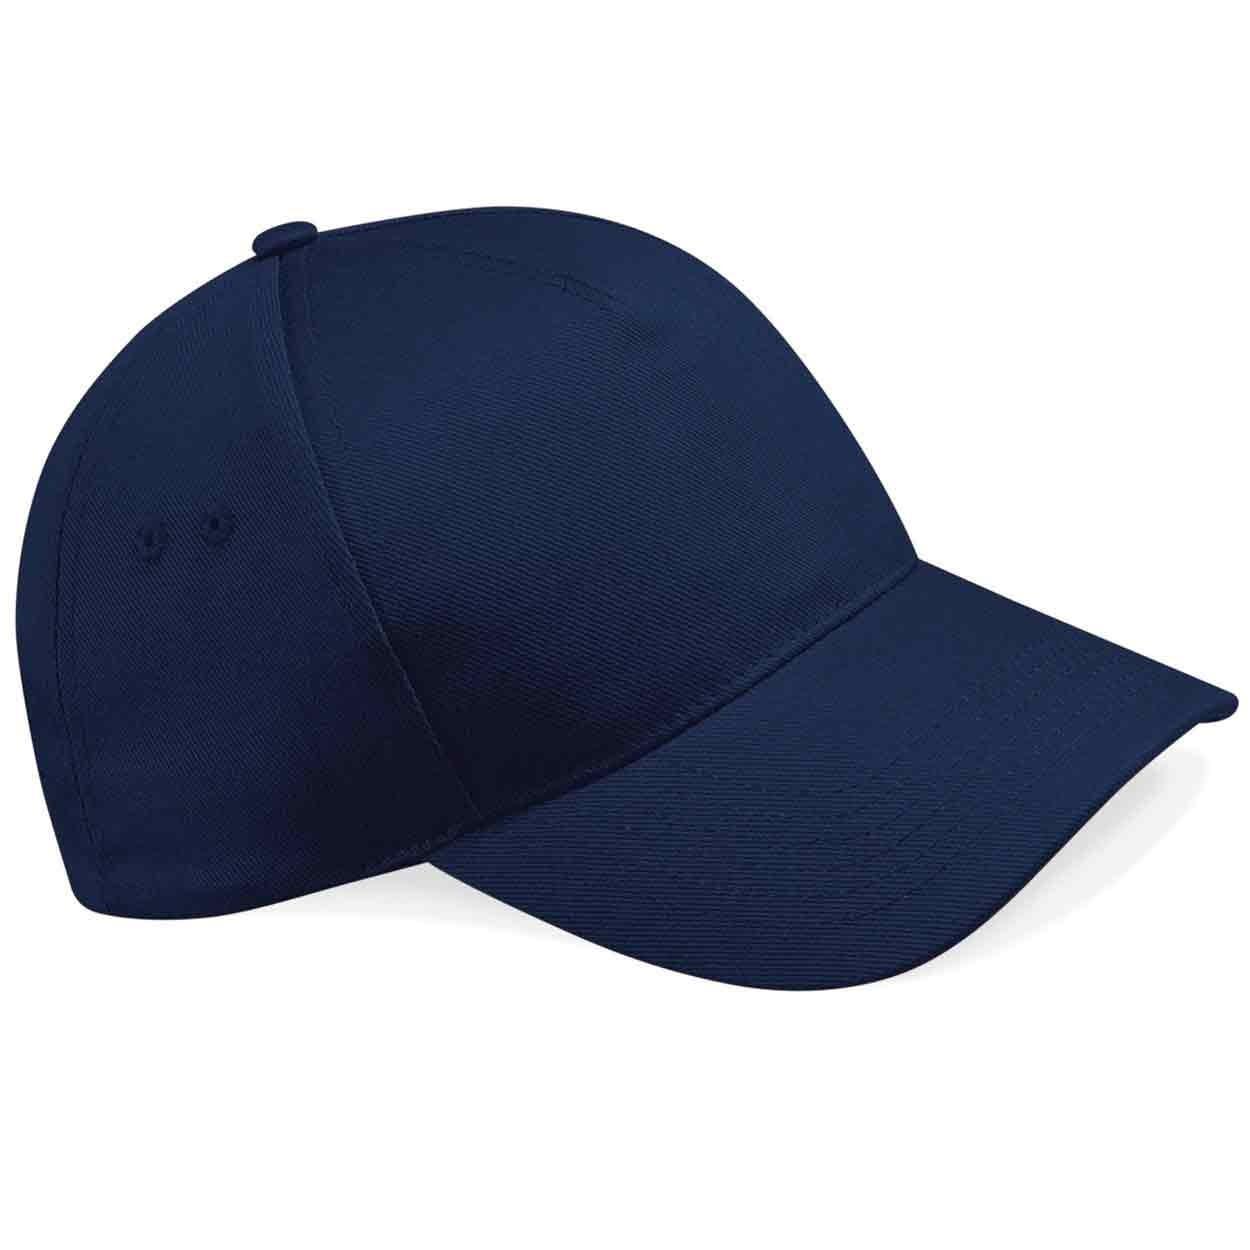 de194999dd3b1f Beechfield BB15 Ultimate Cotton Cap - Baseball Caps - Hats & Caps ...